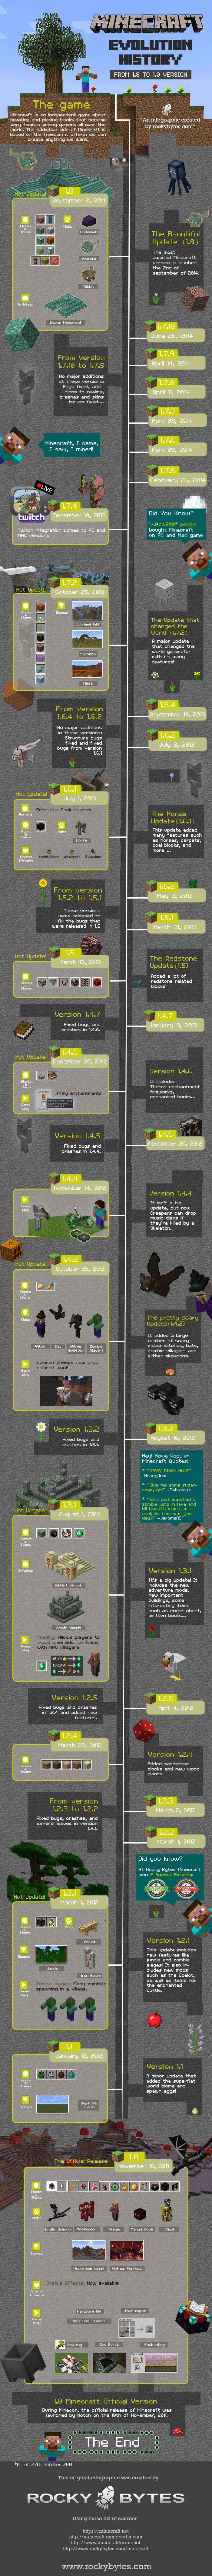 Toutes les versions de Minecraft en une infographie